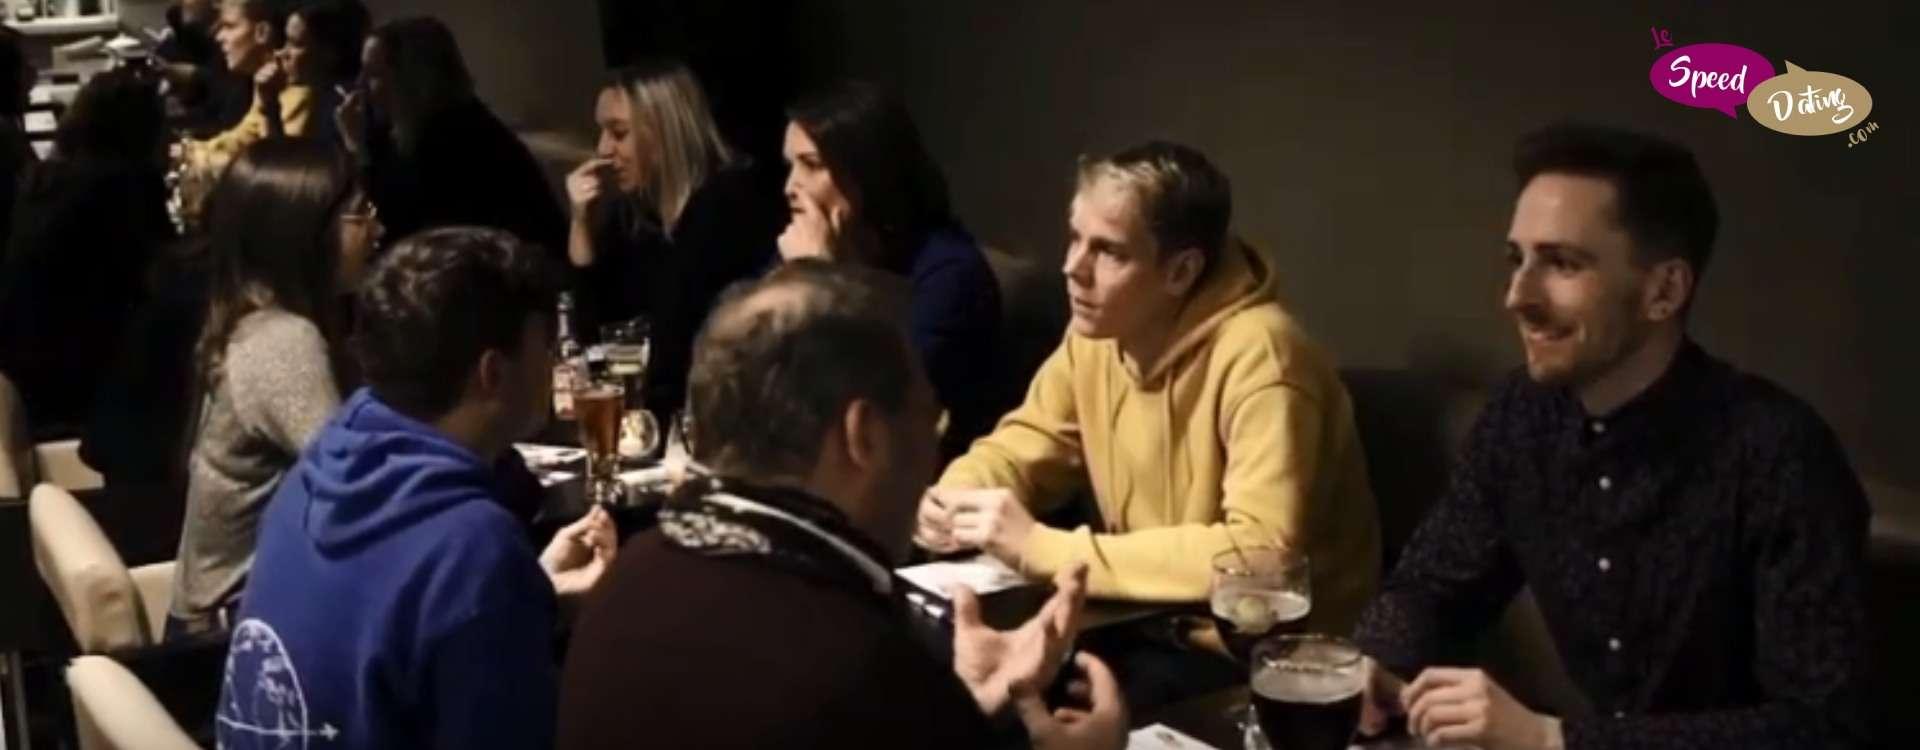 Vidéo d'un speed dating Gays & Lesbiennes